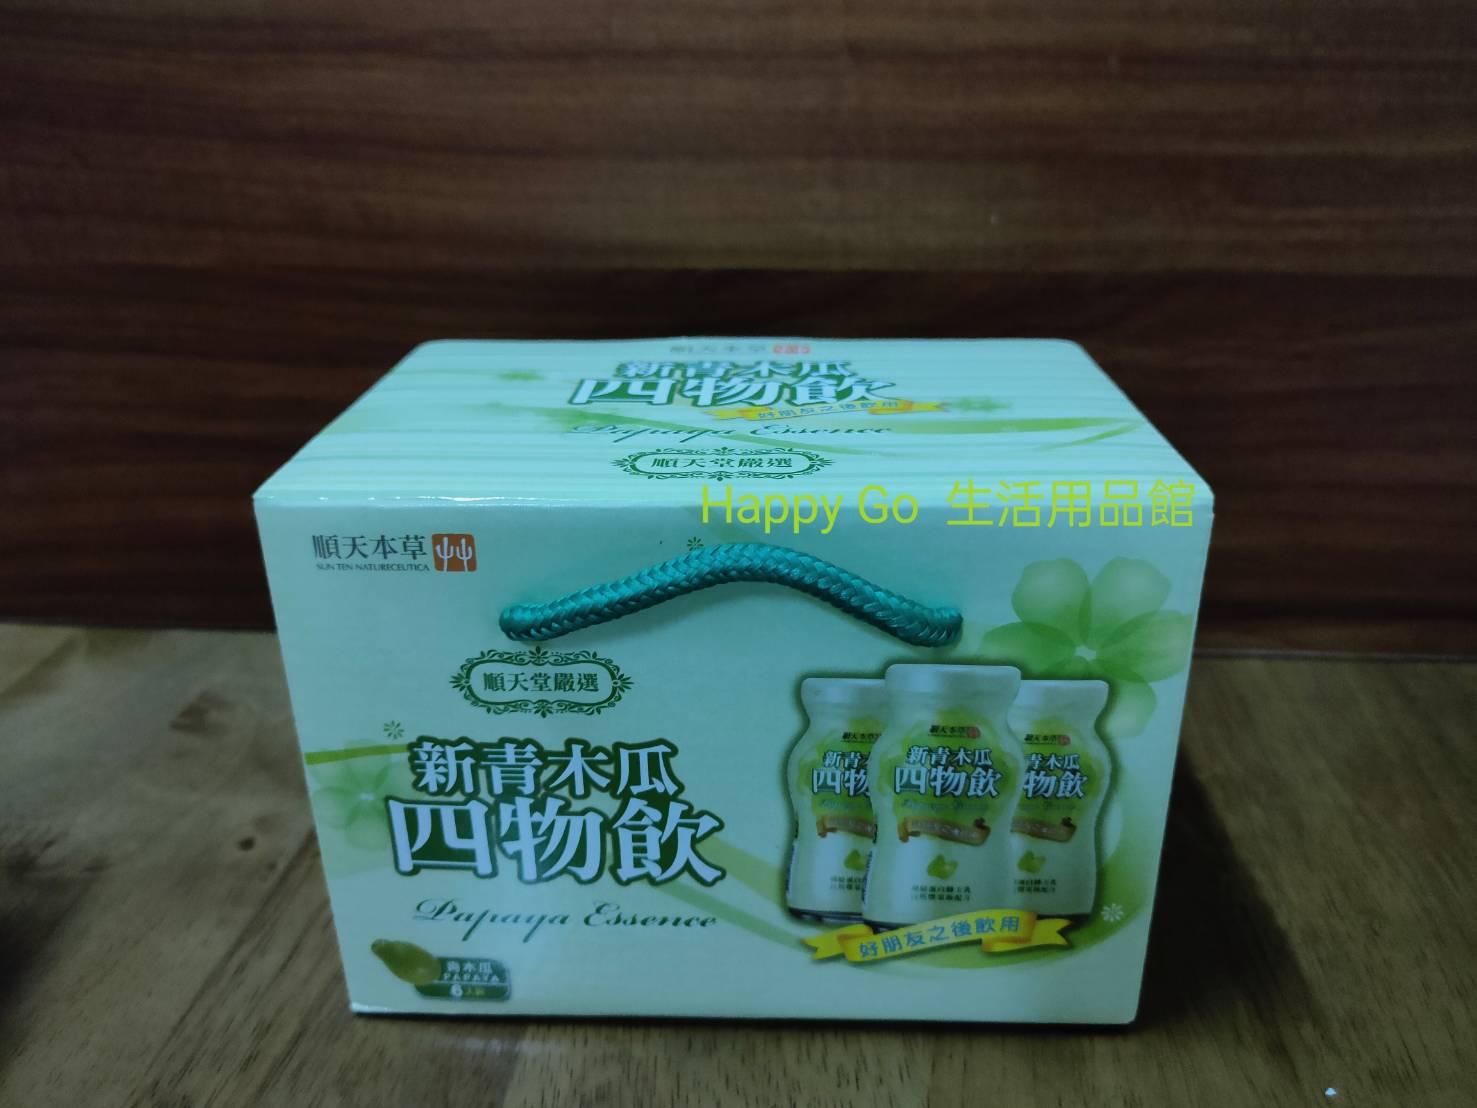 順天本草 新青木瓜四物飲(6瓶/盒) 還有優惠組合 一起帶 更完整